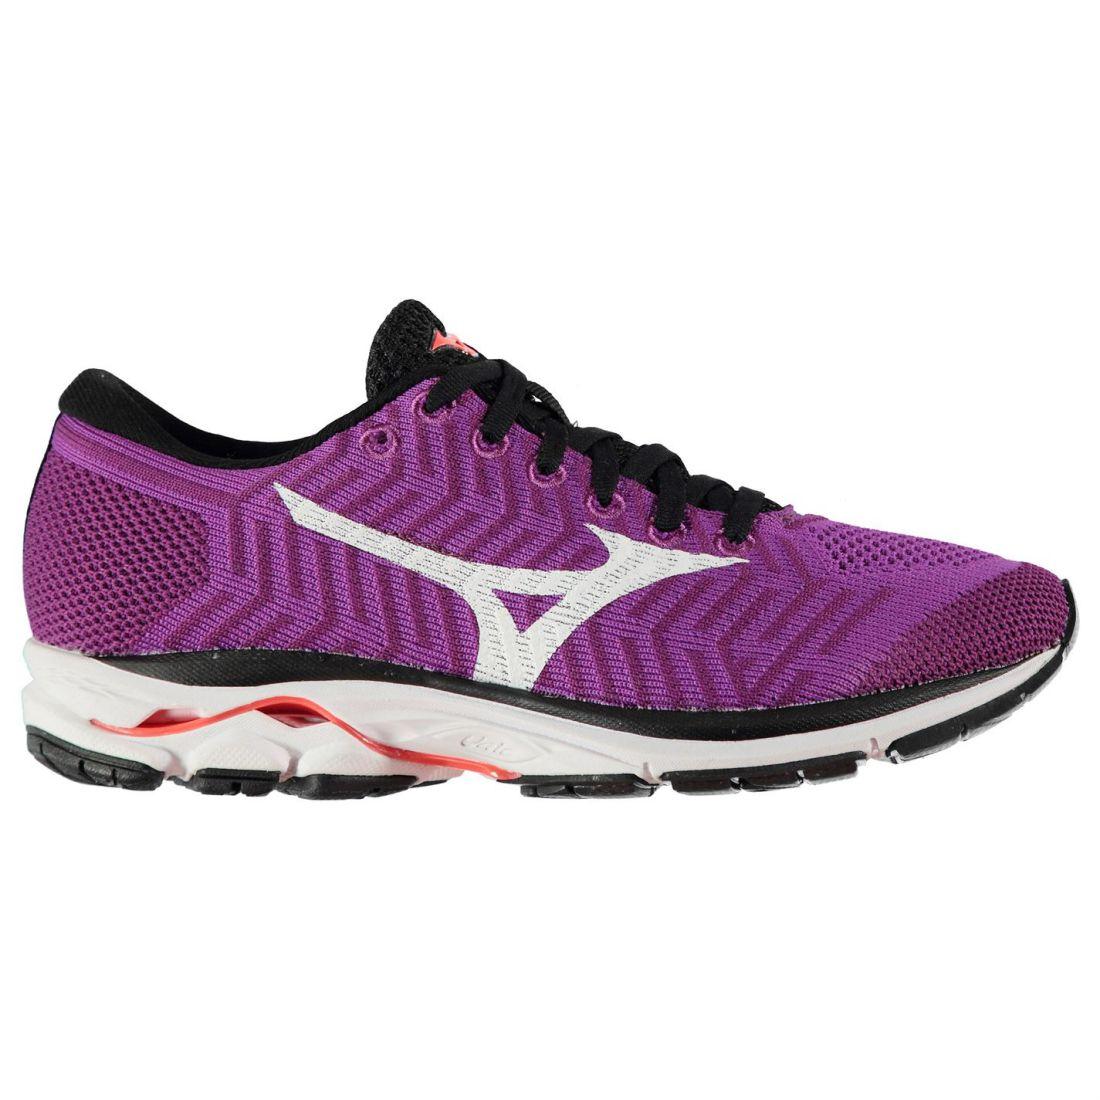 Mizuno femmes Wave Knit r1 Running chaussures Road